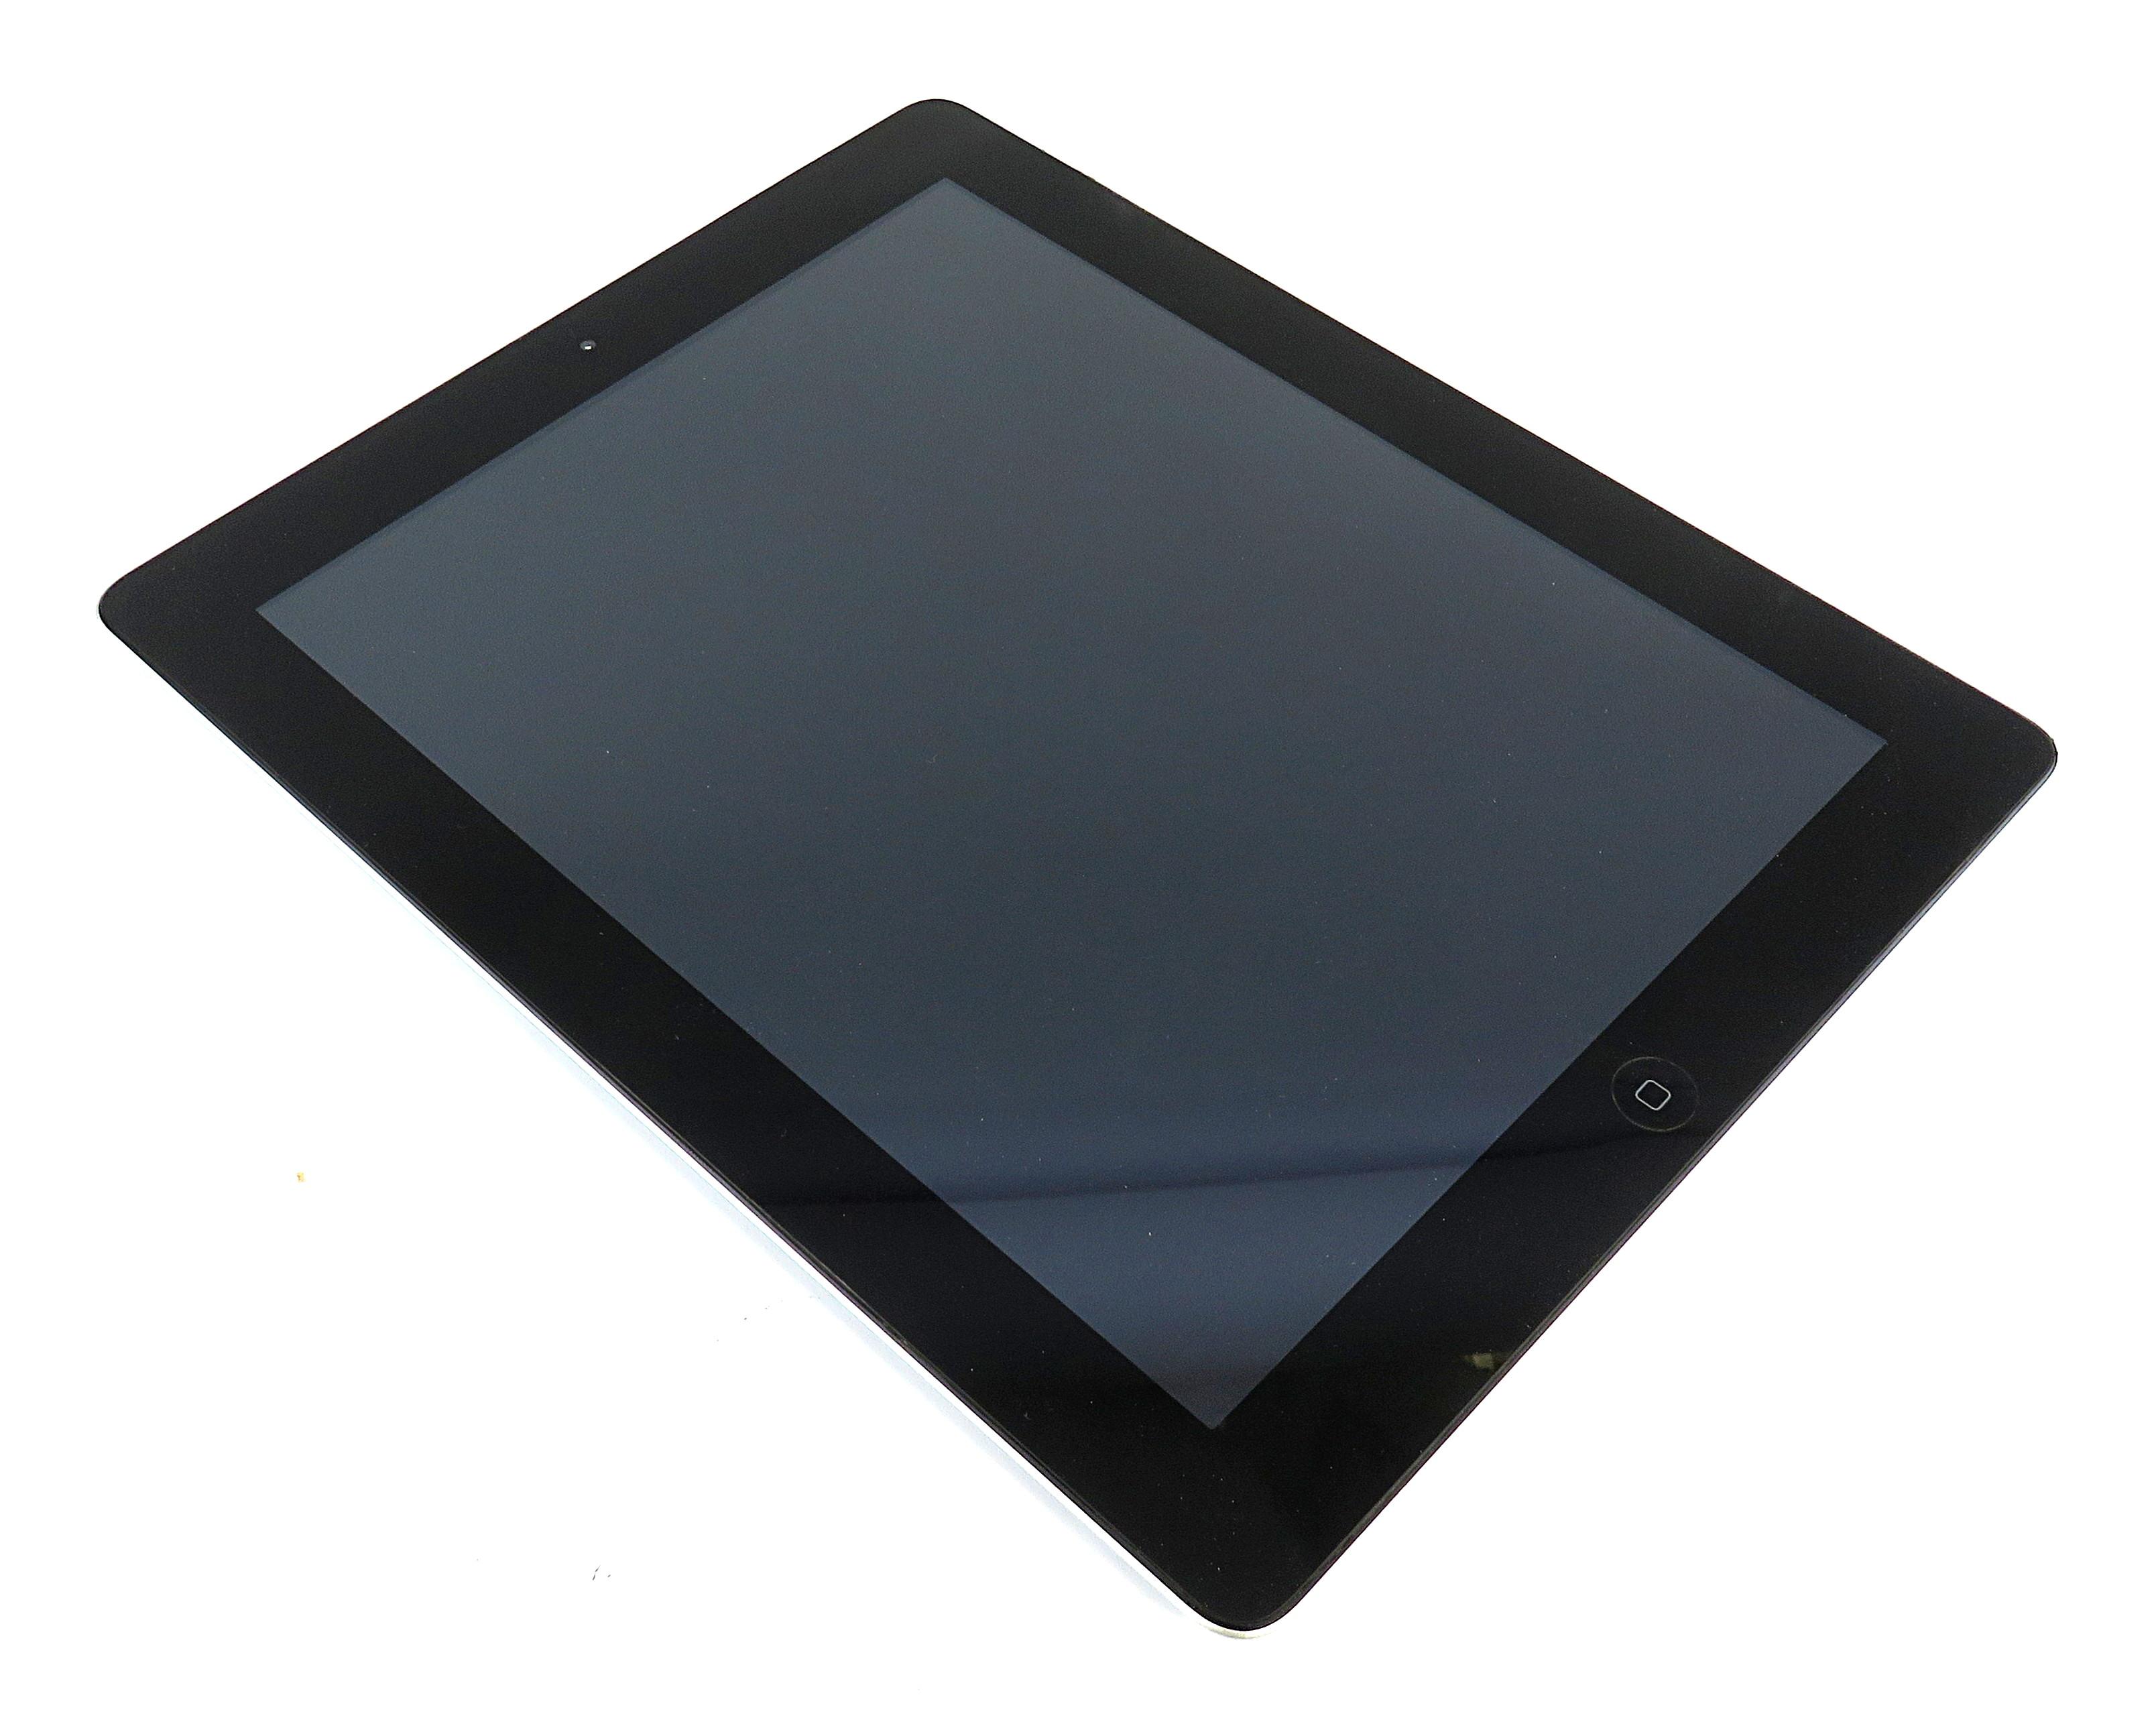 Apple iPad 3 A1416 - 16GB / WiFi / Black / Grade B